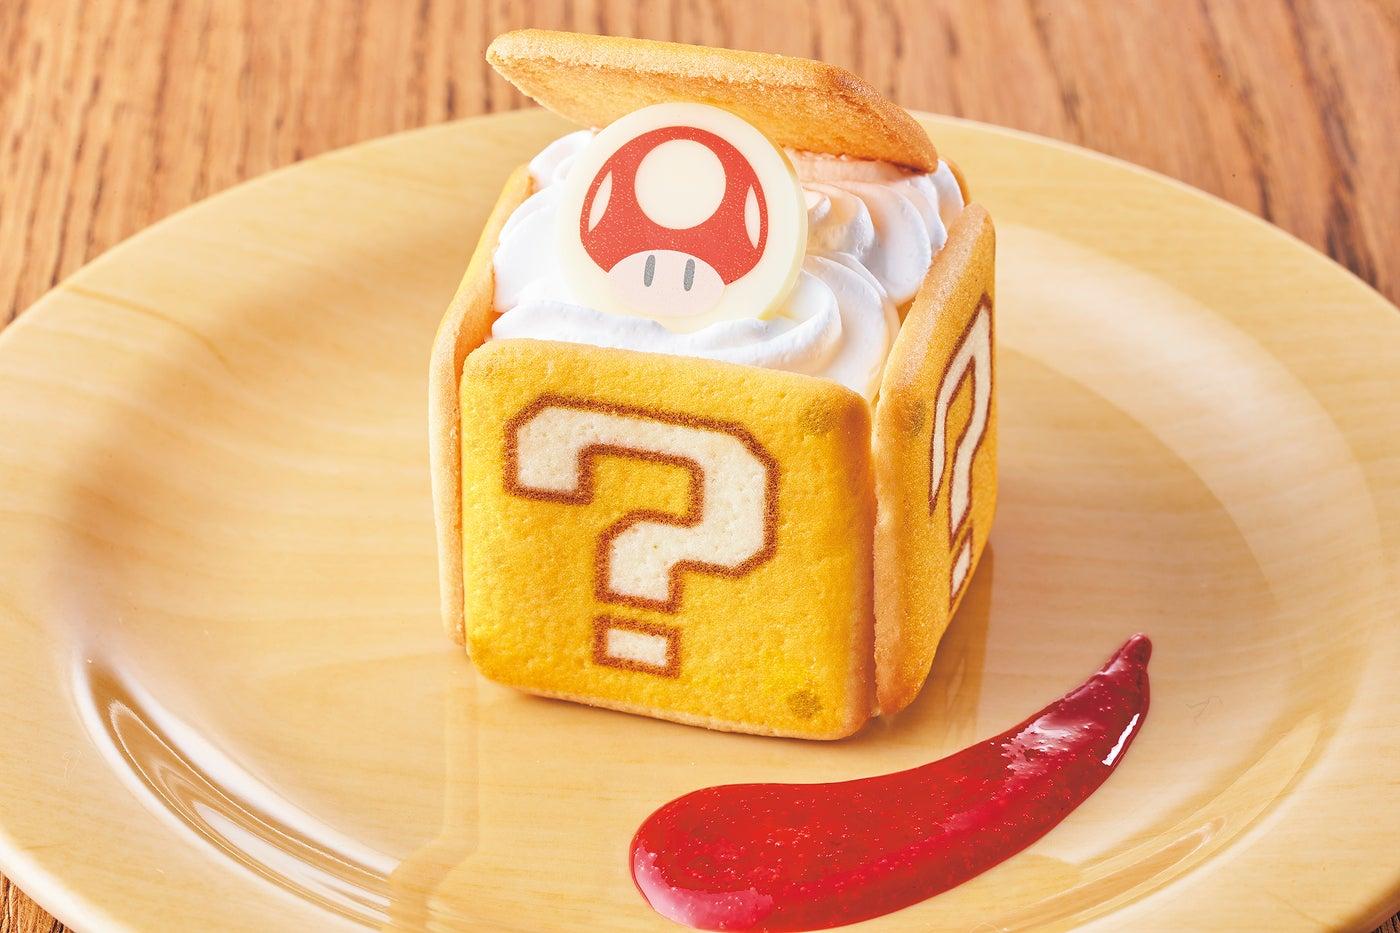 kinopio-cafe-question-block-tiramisu-1608740965843